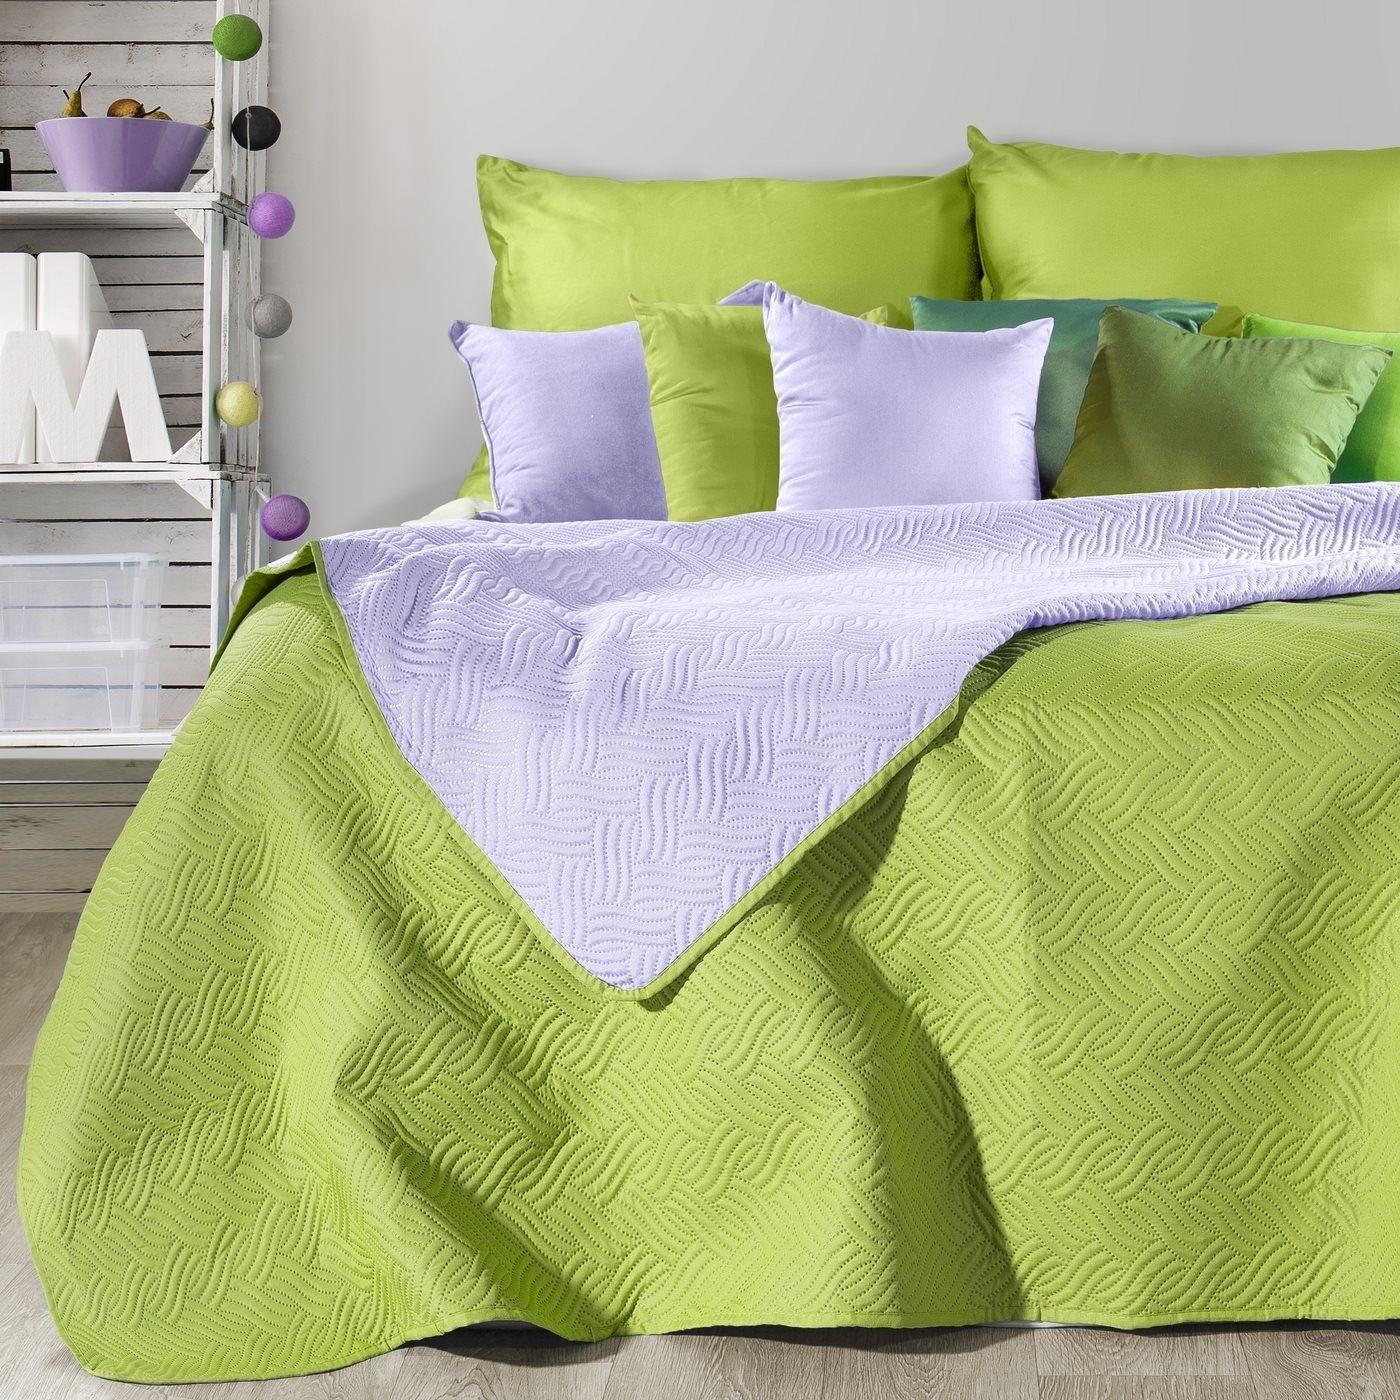 Cuvertura reversibila Fala Light Green / Lila 220 x 240 cm